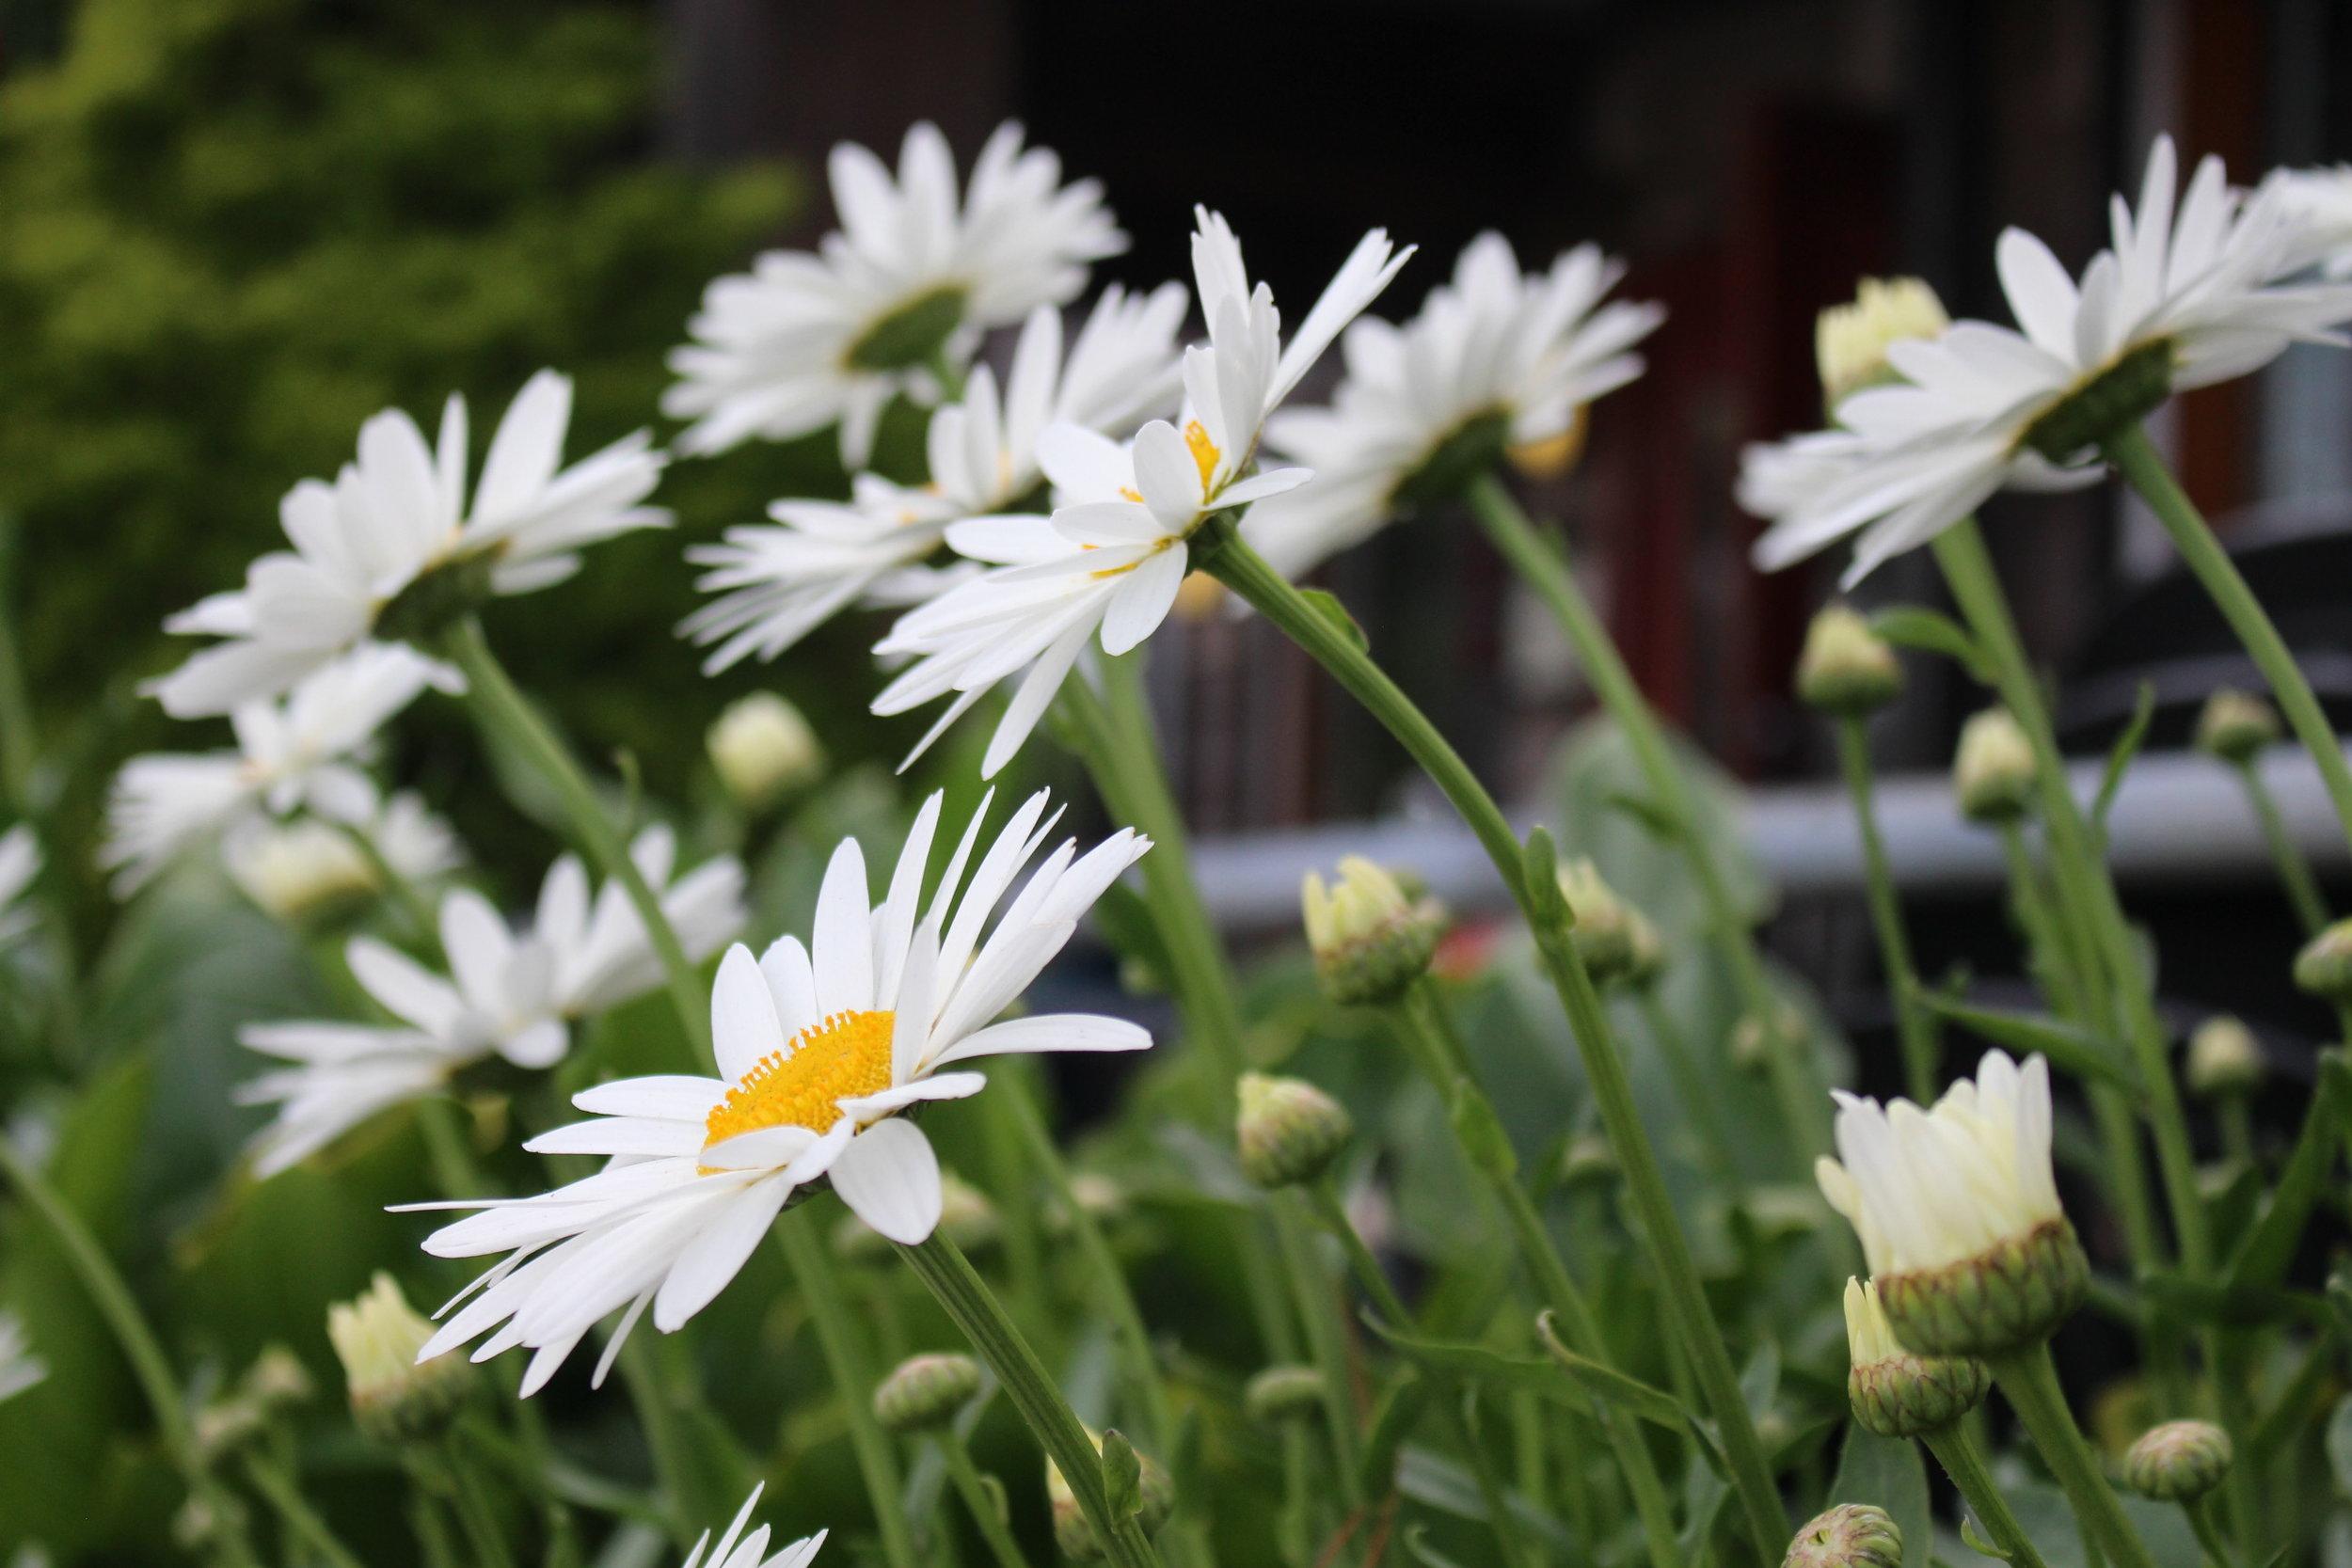 #176 Shasta Daisy,  Leucanthemum × superbum